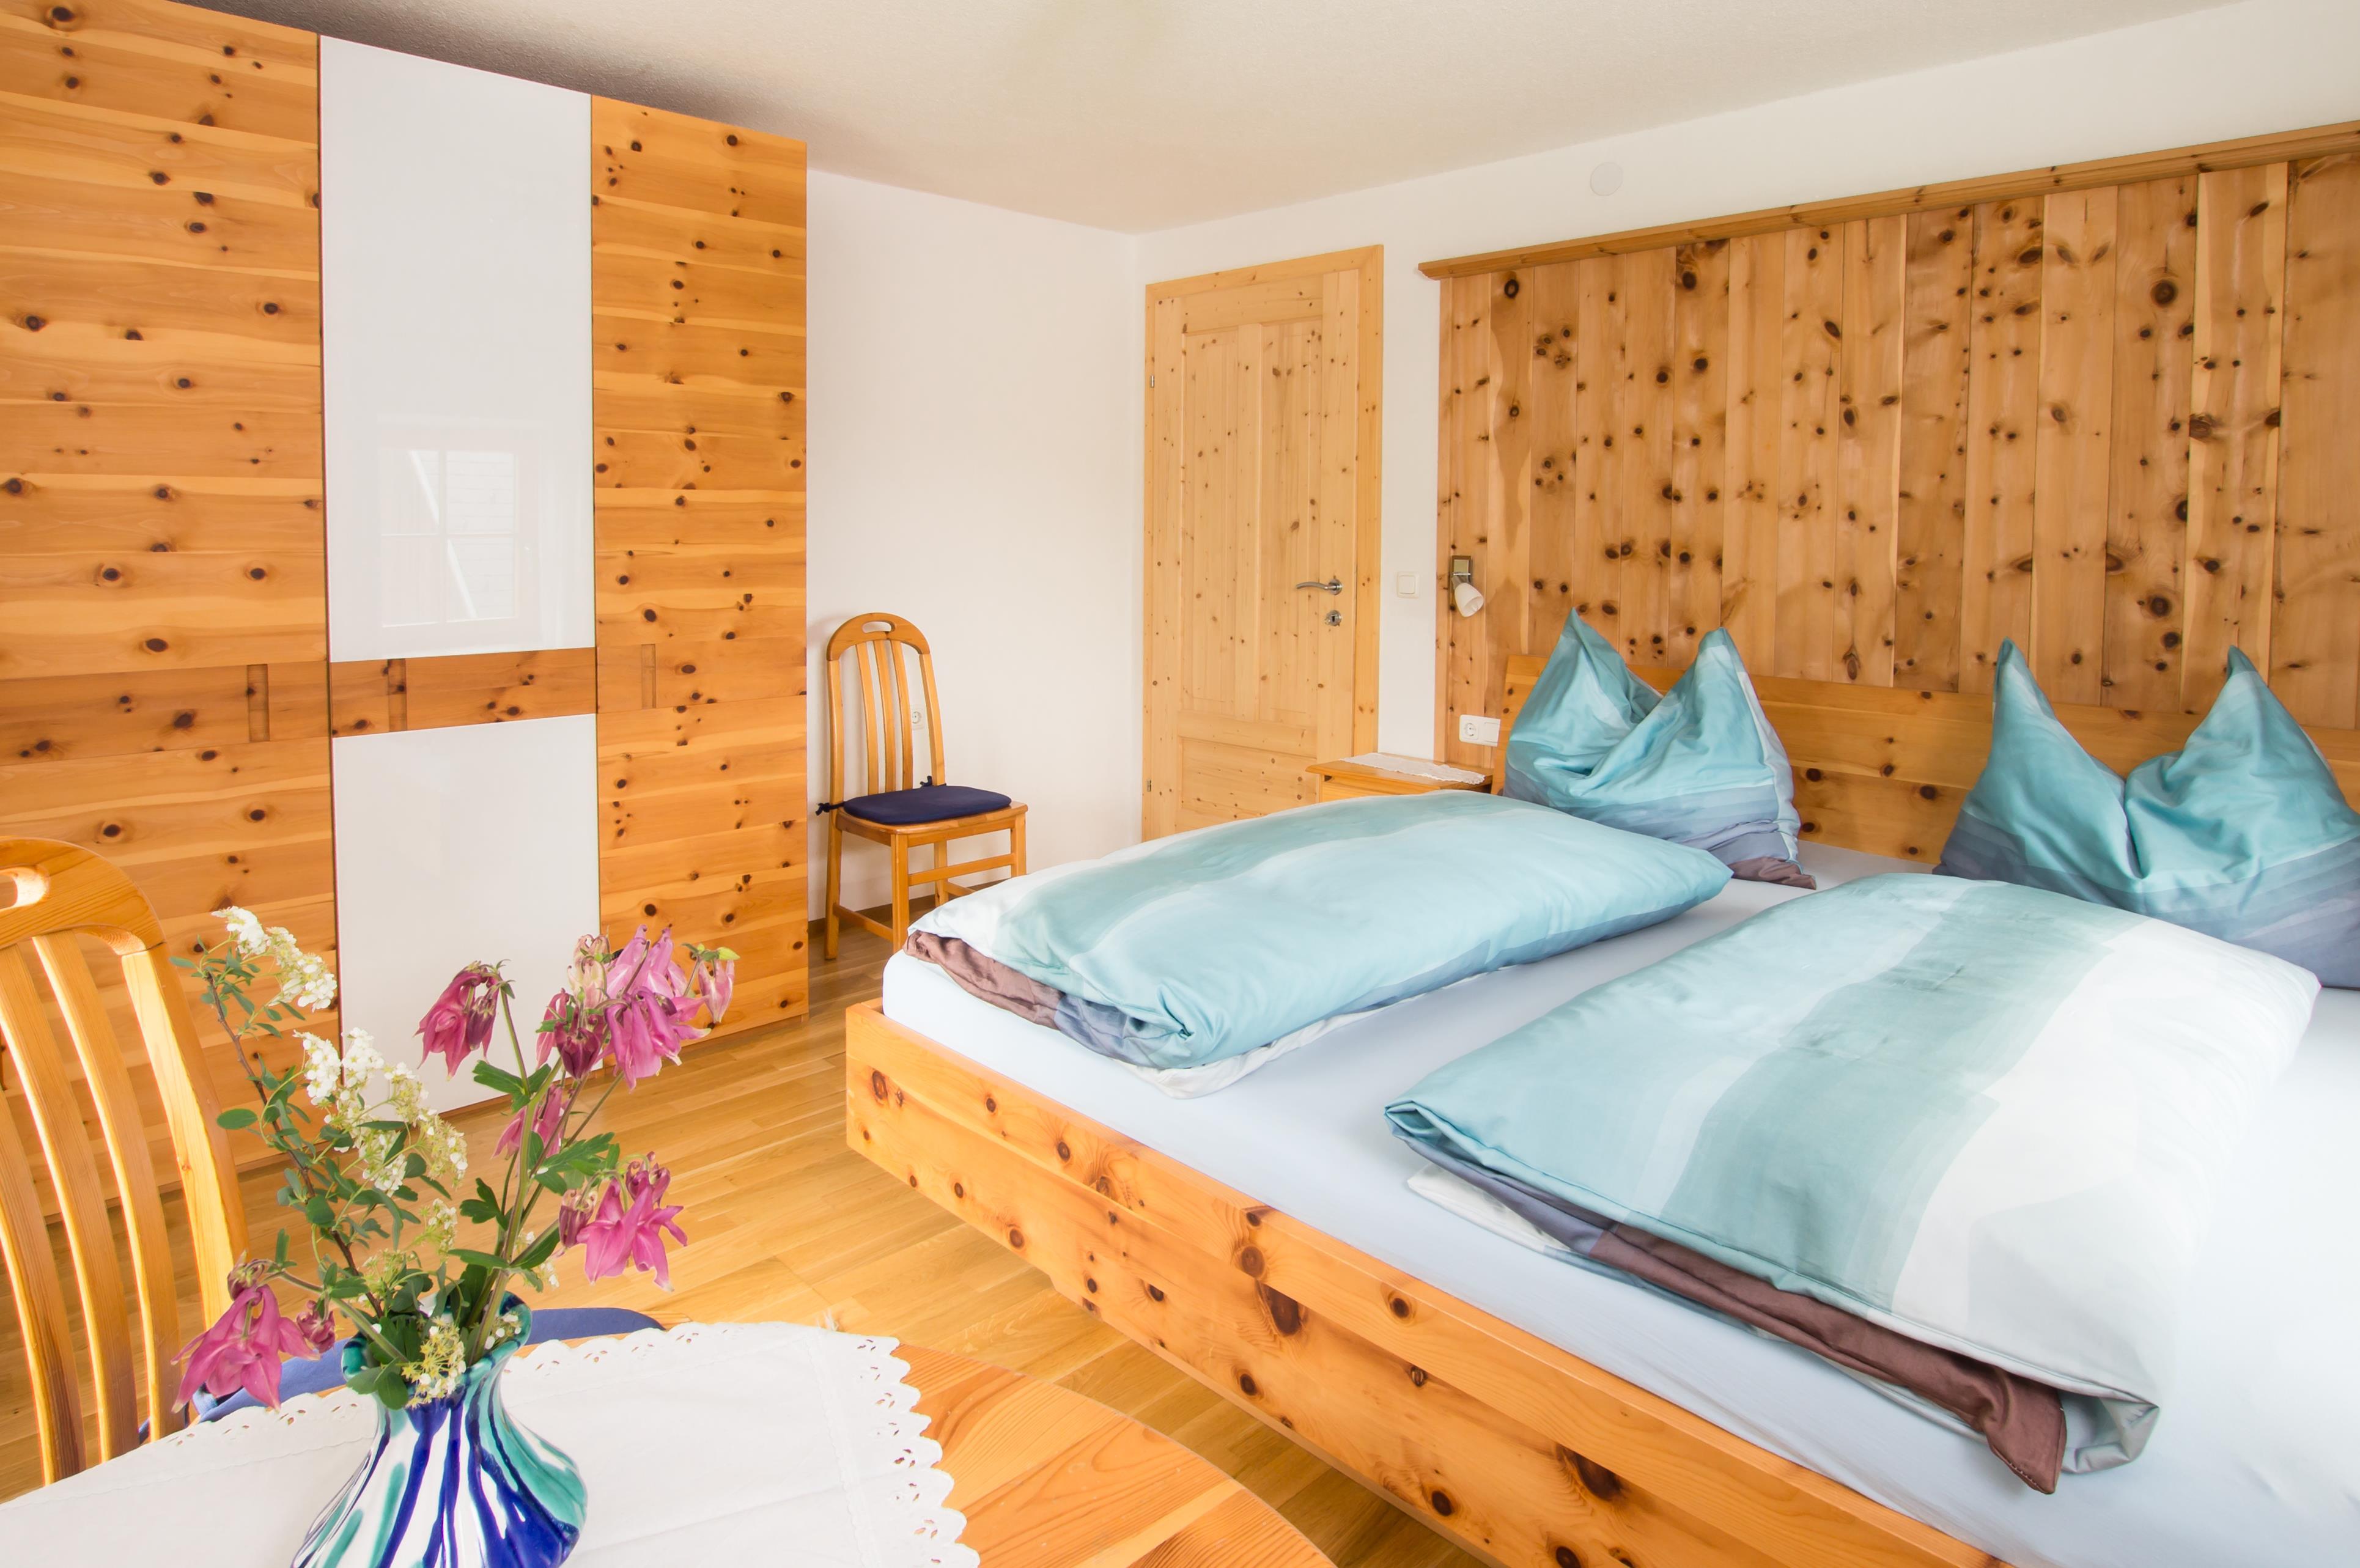 Appartement de vacances Bio-Urlaubshof Dansbach Apartment/2 Schlafräume/Dusche, WC (498178), Spital am Pyhrn, Pyhrn-Priel, Haute Autriche, Autriche, image 20